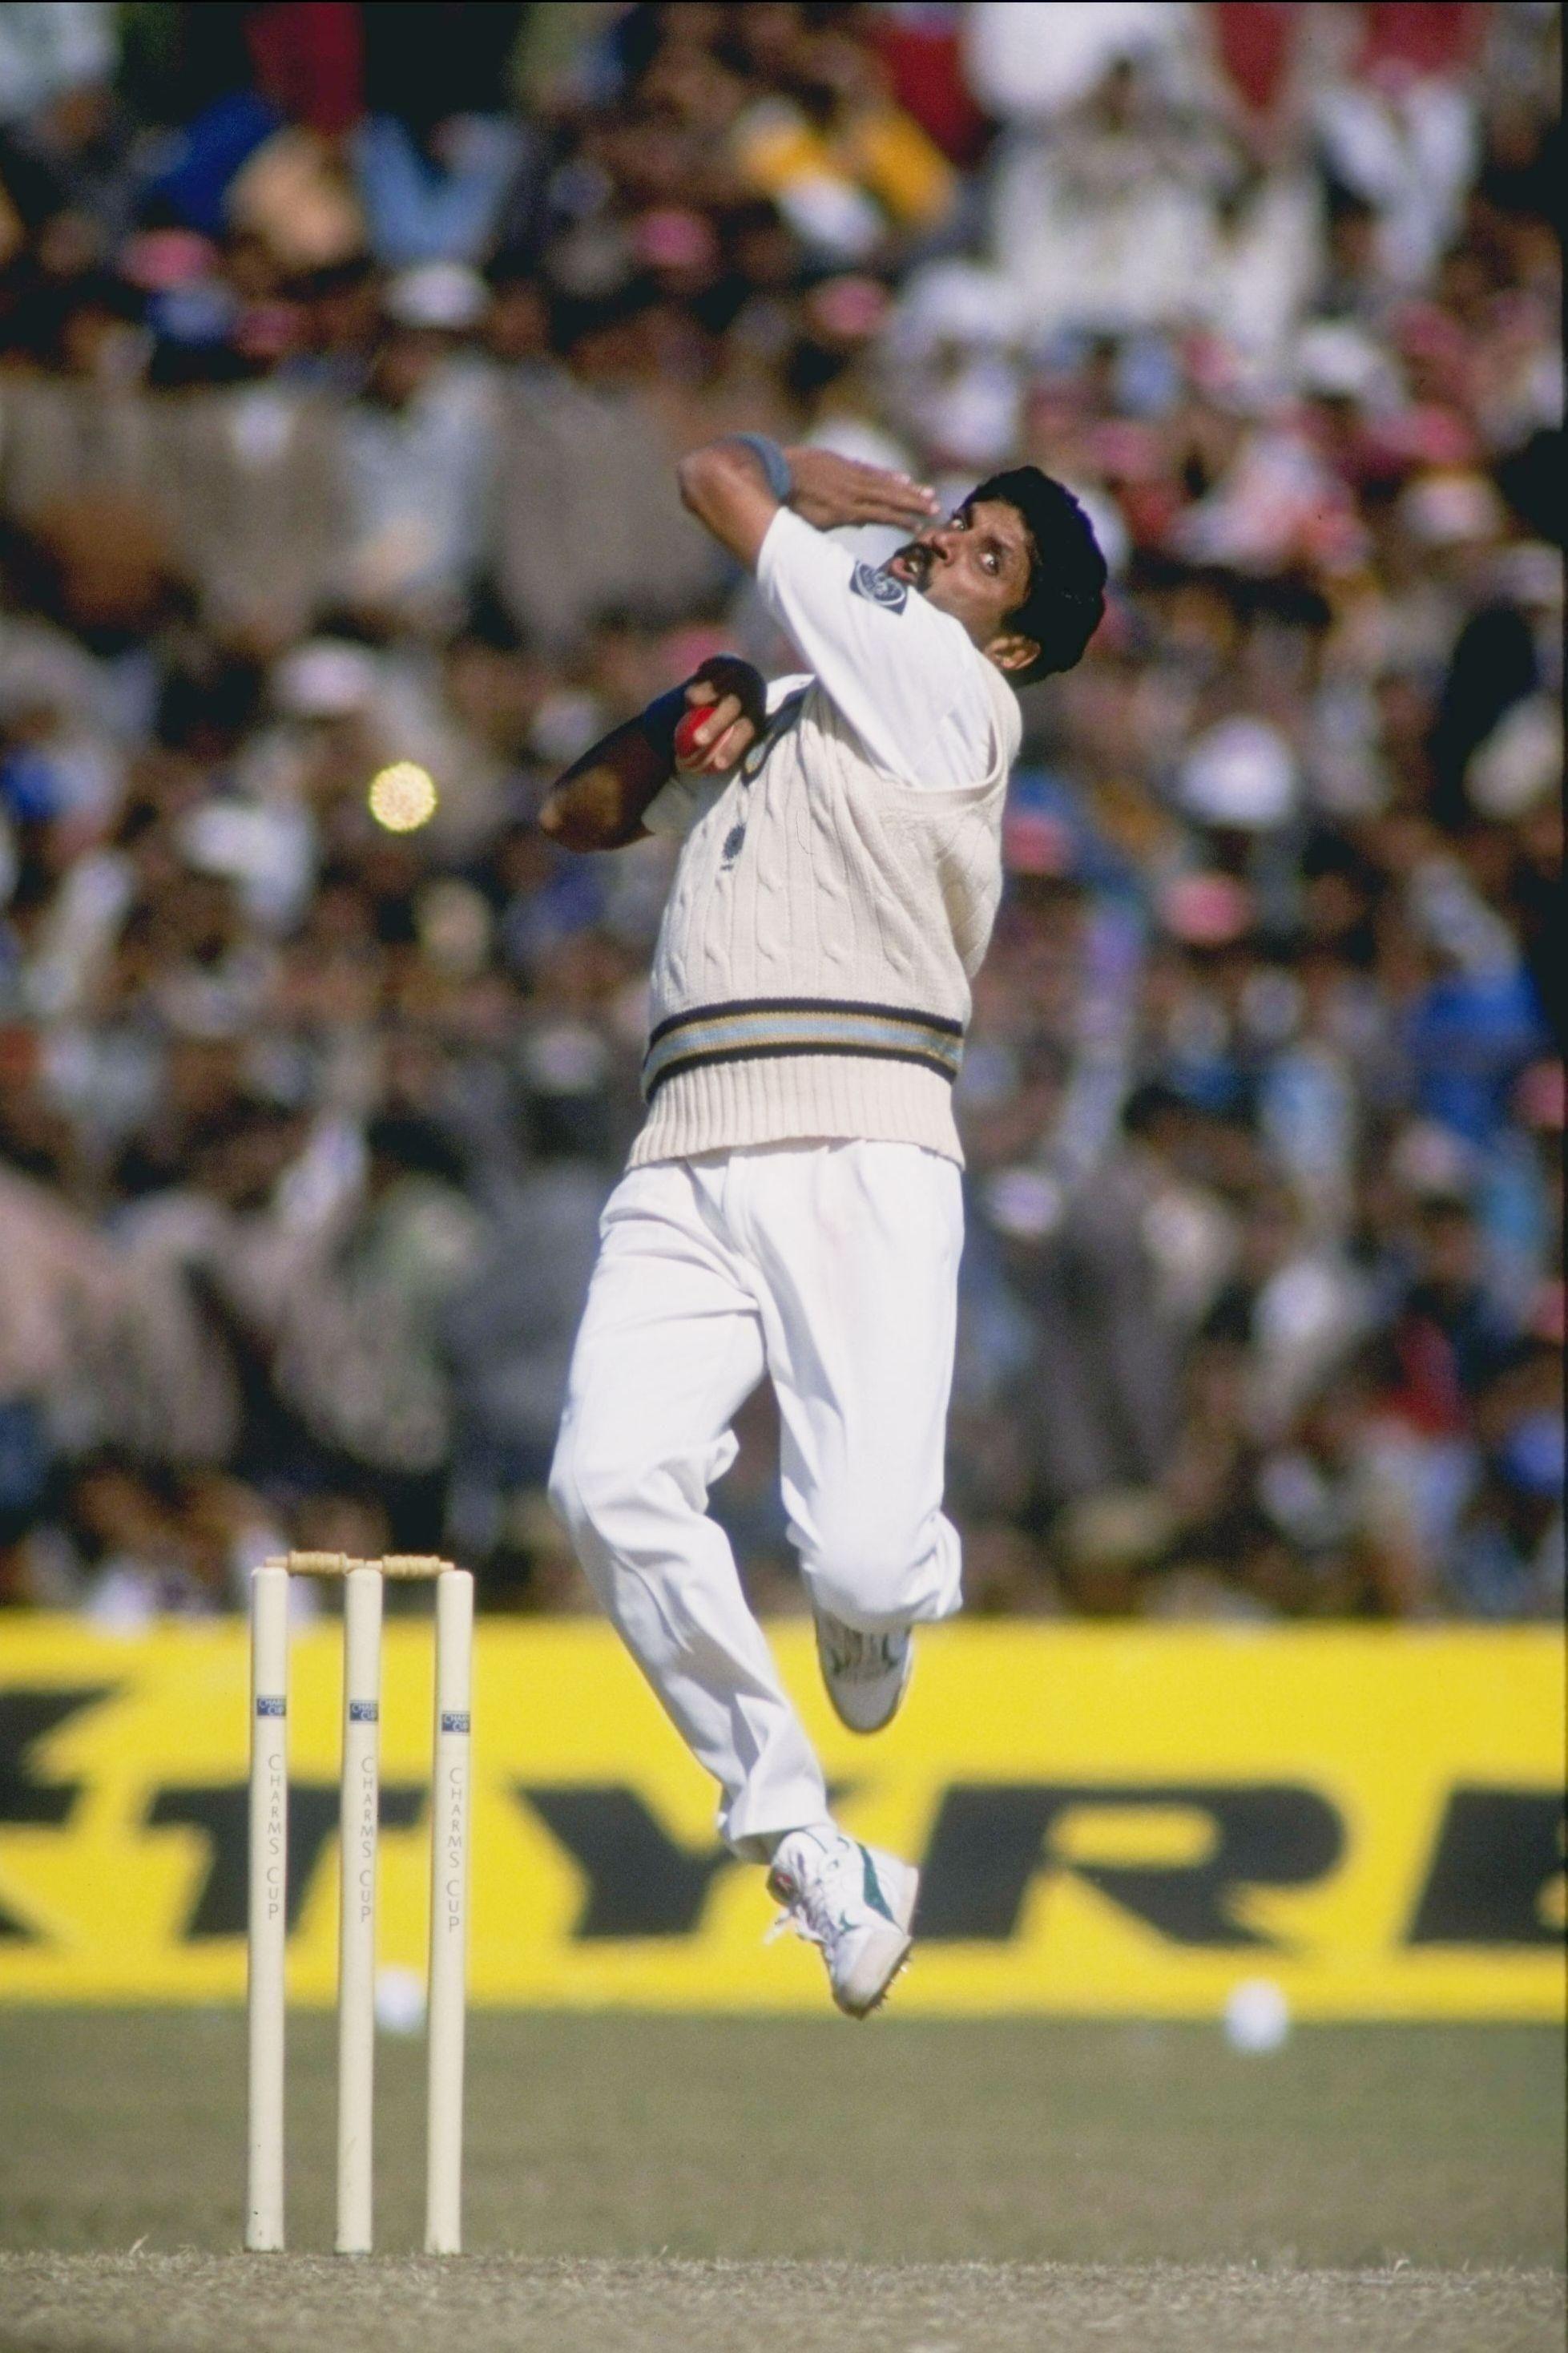 Kapil Dev, fast bowler, Indian cricket team, Indian cricketers, bowlers, 1983 World Cup, Indian bowlers, Cricket, Mad Over Cricket